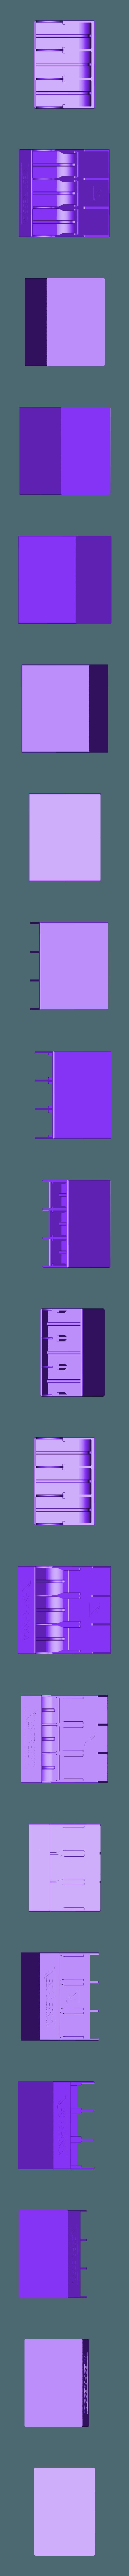 nespresso_capsule_dispenser.stl Télécharger fichier STL gratuit Distributeur de capsules Nespresso • Modèle pour imprimante 3D, MatFeex